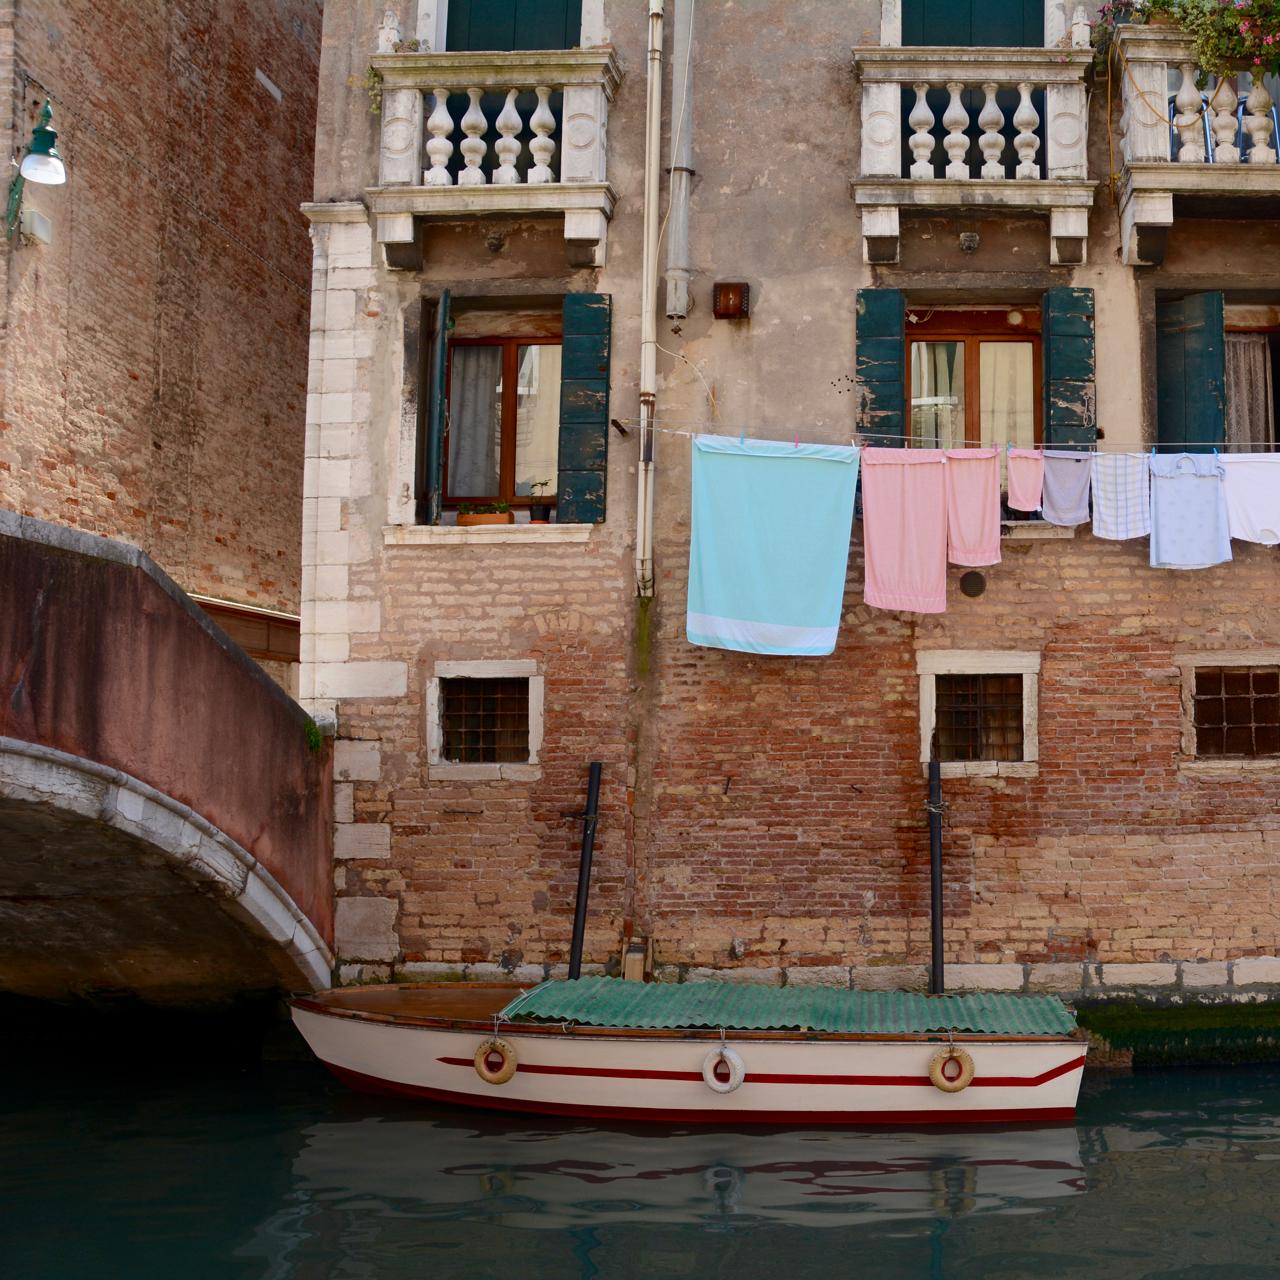 venice bridge canals house architecture